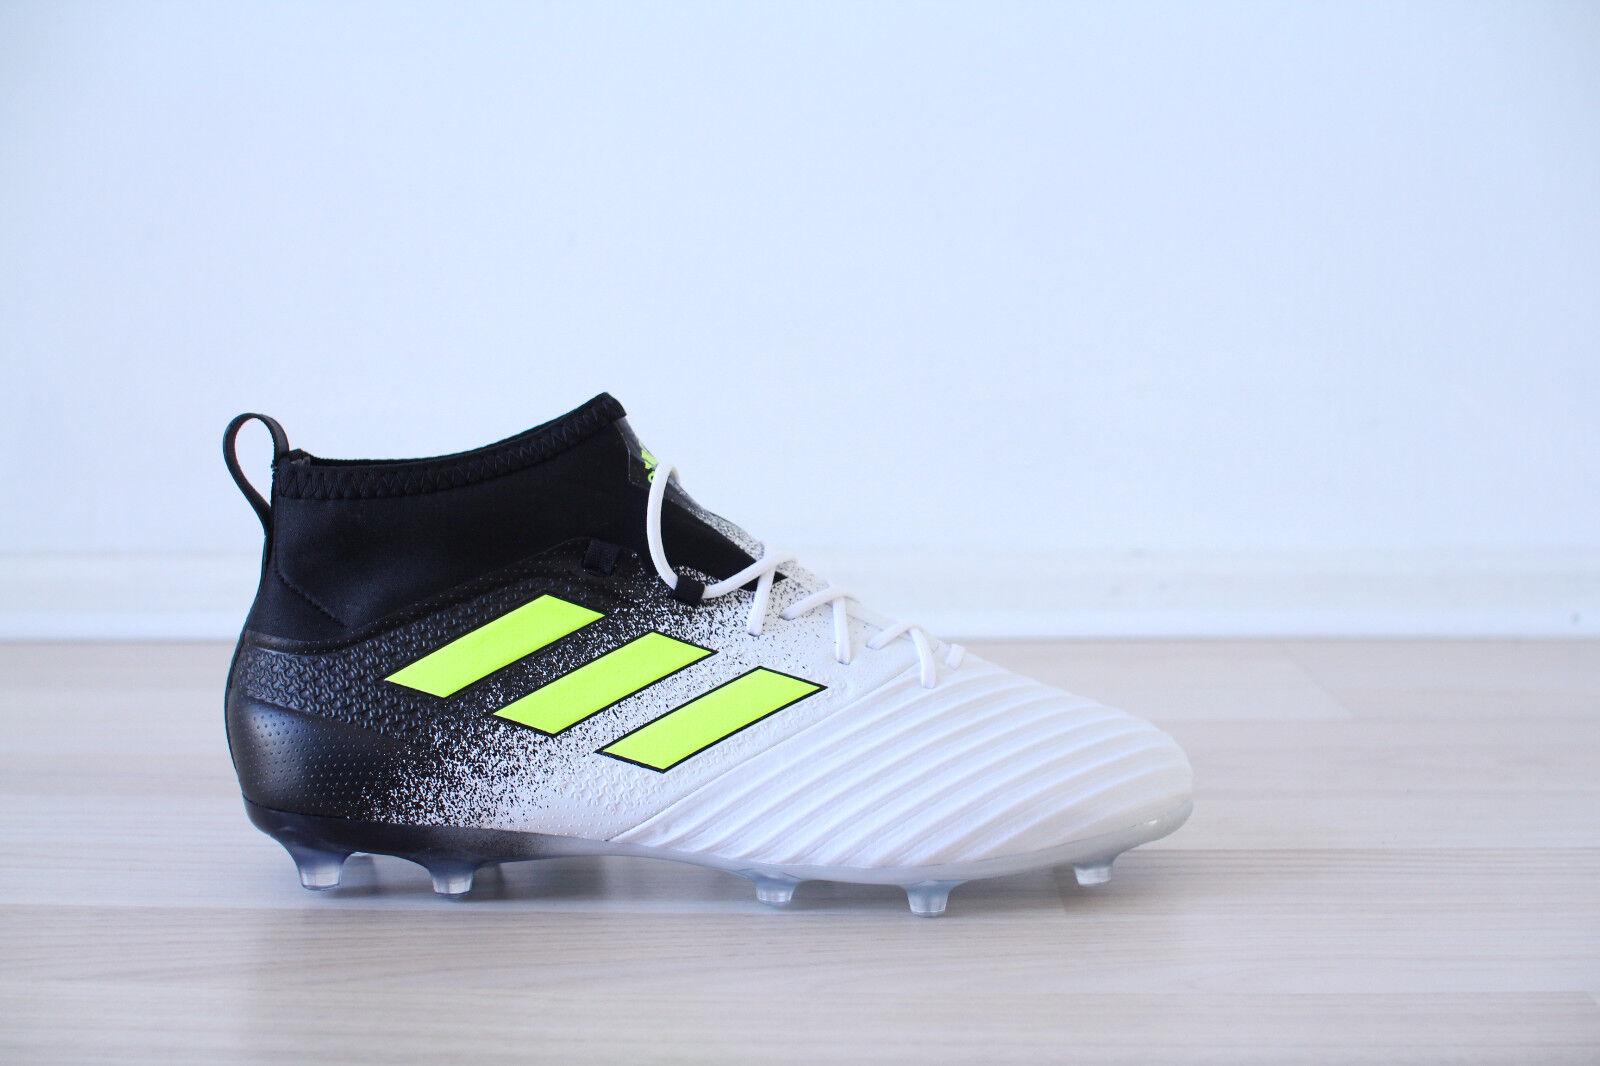 Weiß Schwarz J 17.1 Ace Adidas Gr. FG Preiszugeständnisse